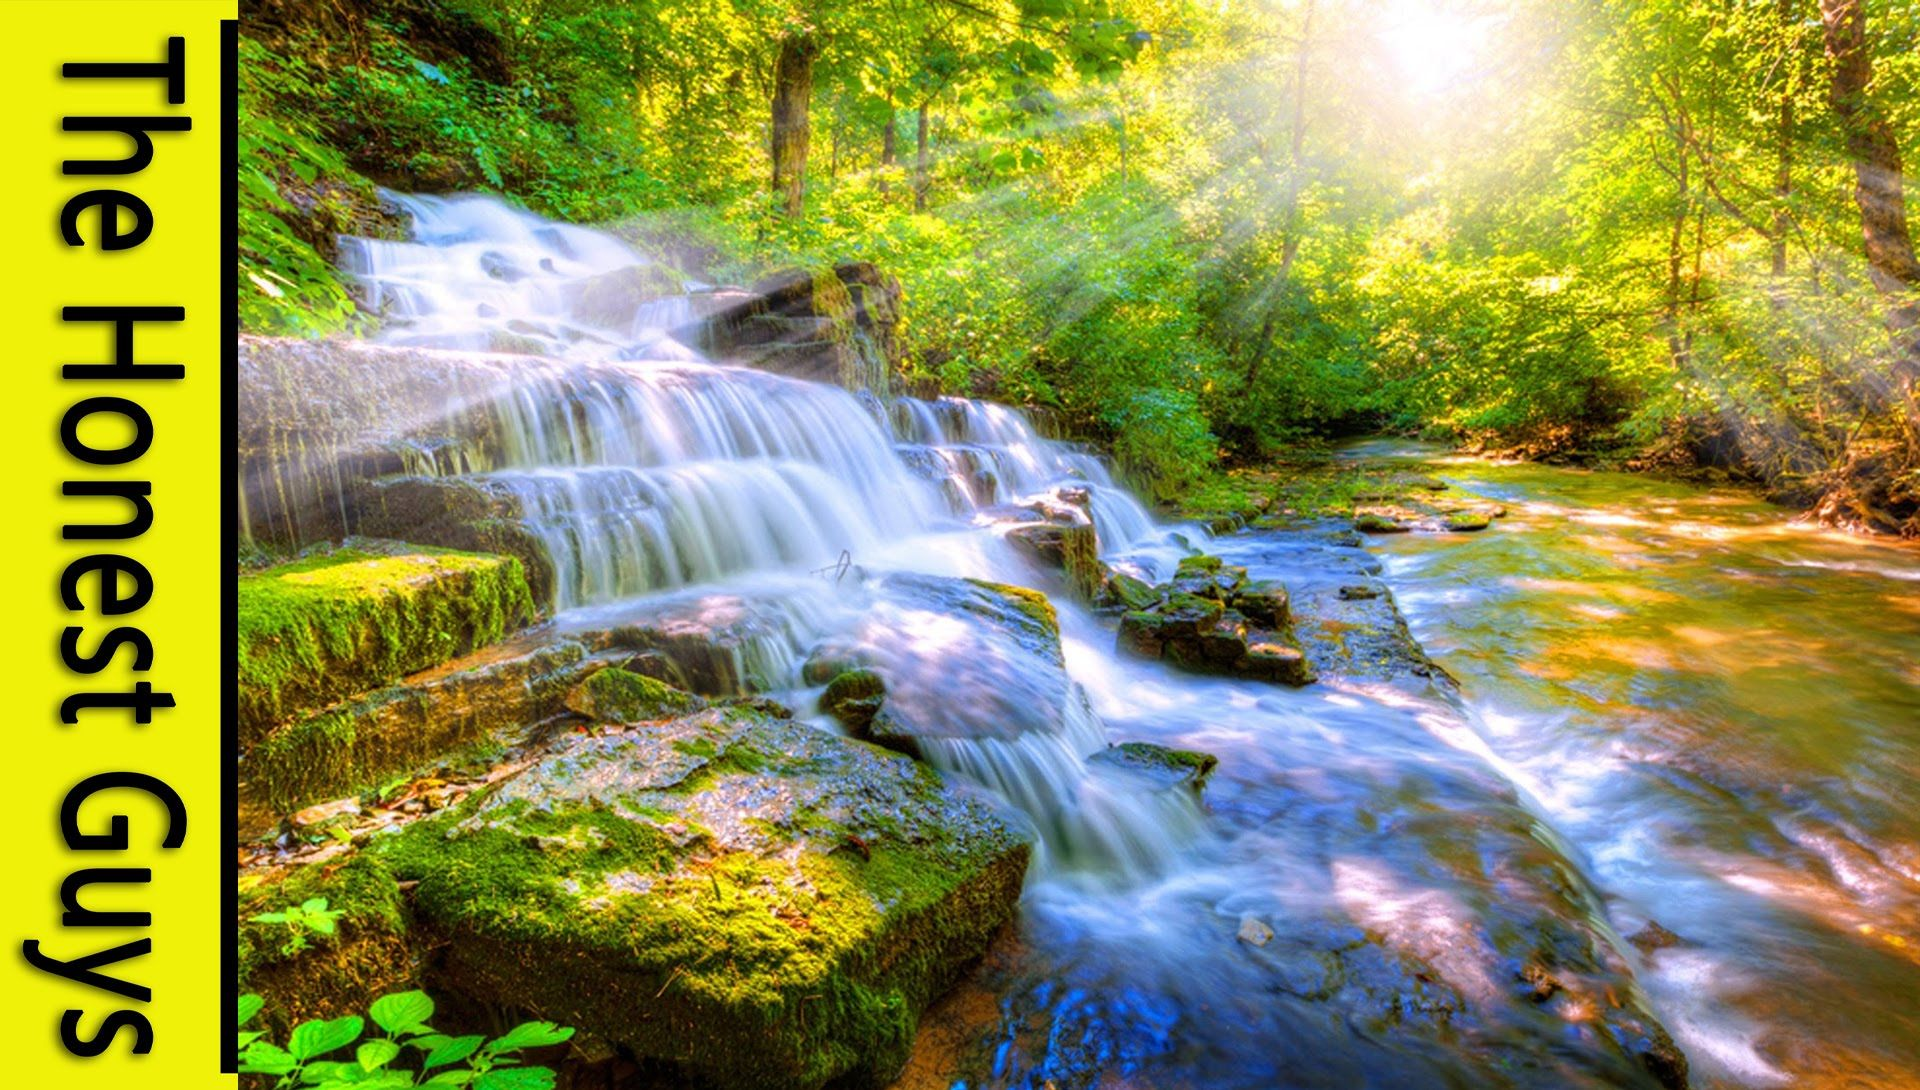 8 hodin odpočinku v Nature Sounds-Sleep-Study-Meditace-vody v bazénu zvuky ptačího zpěvu  https://www.youtube.com/watch?v=q4AQDDKglEE&list=RDUWS2pIXvLdQ&index=27